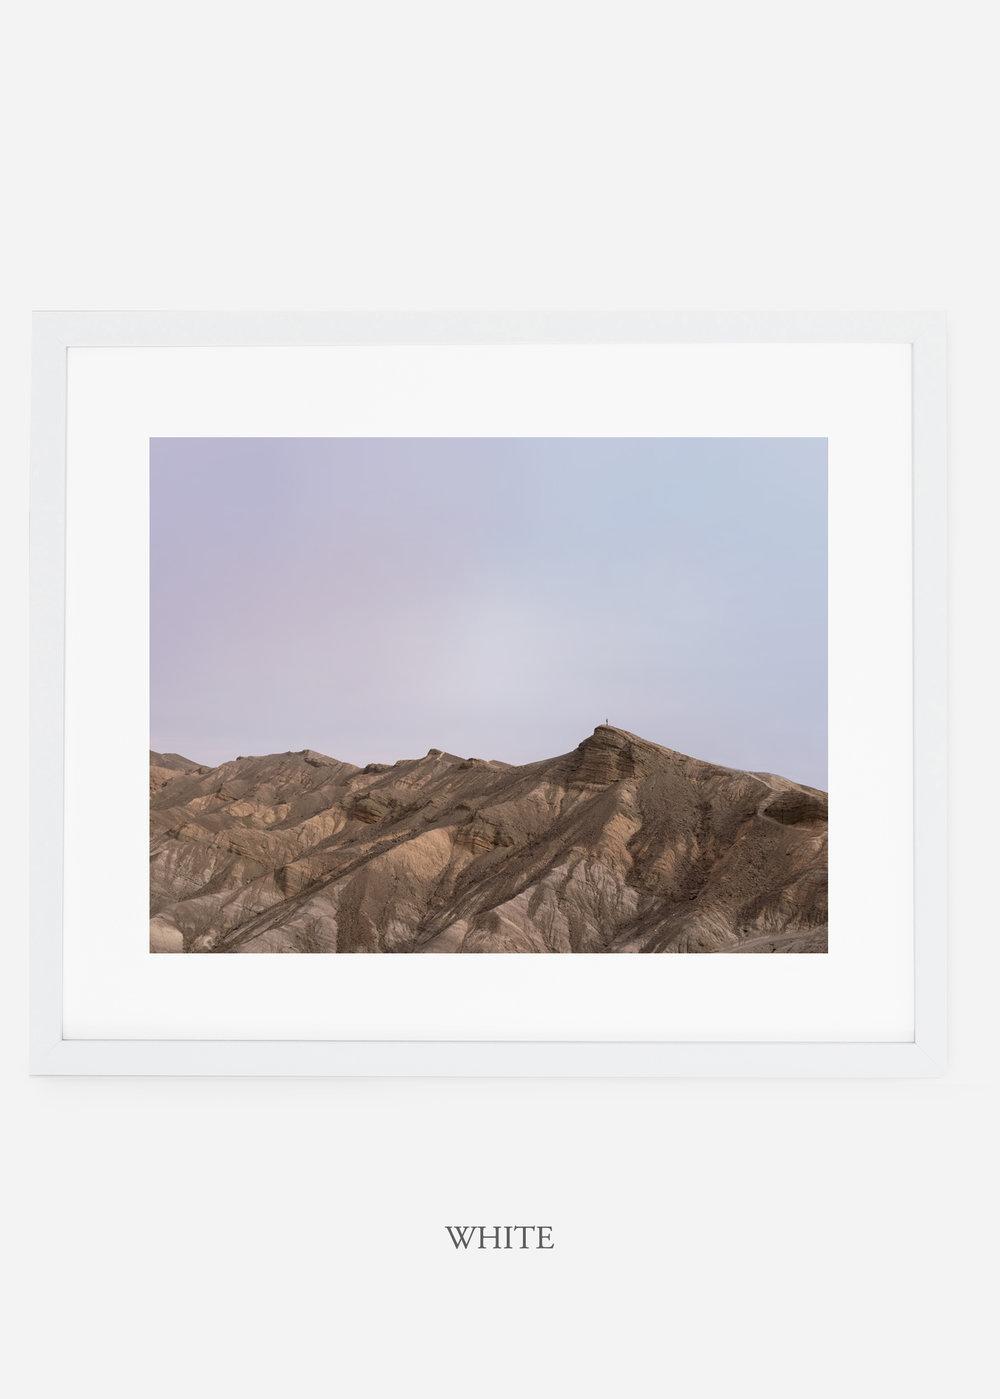 wildercalifornia_whiteframe_deathvalley_12_minimal_cactus_art_interiordesign_.jpg